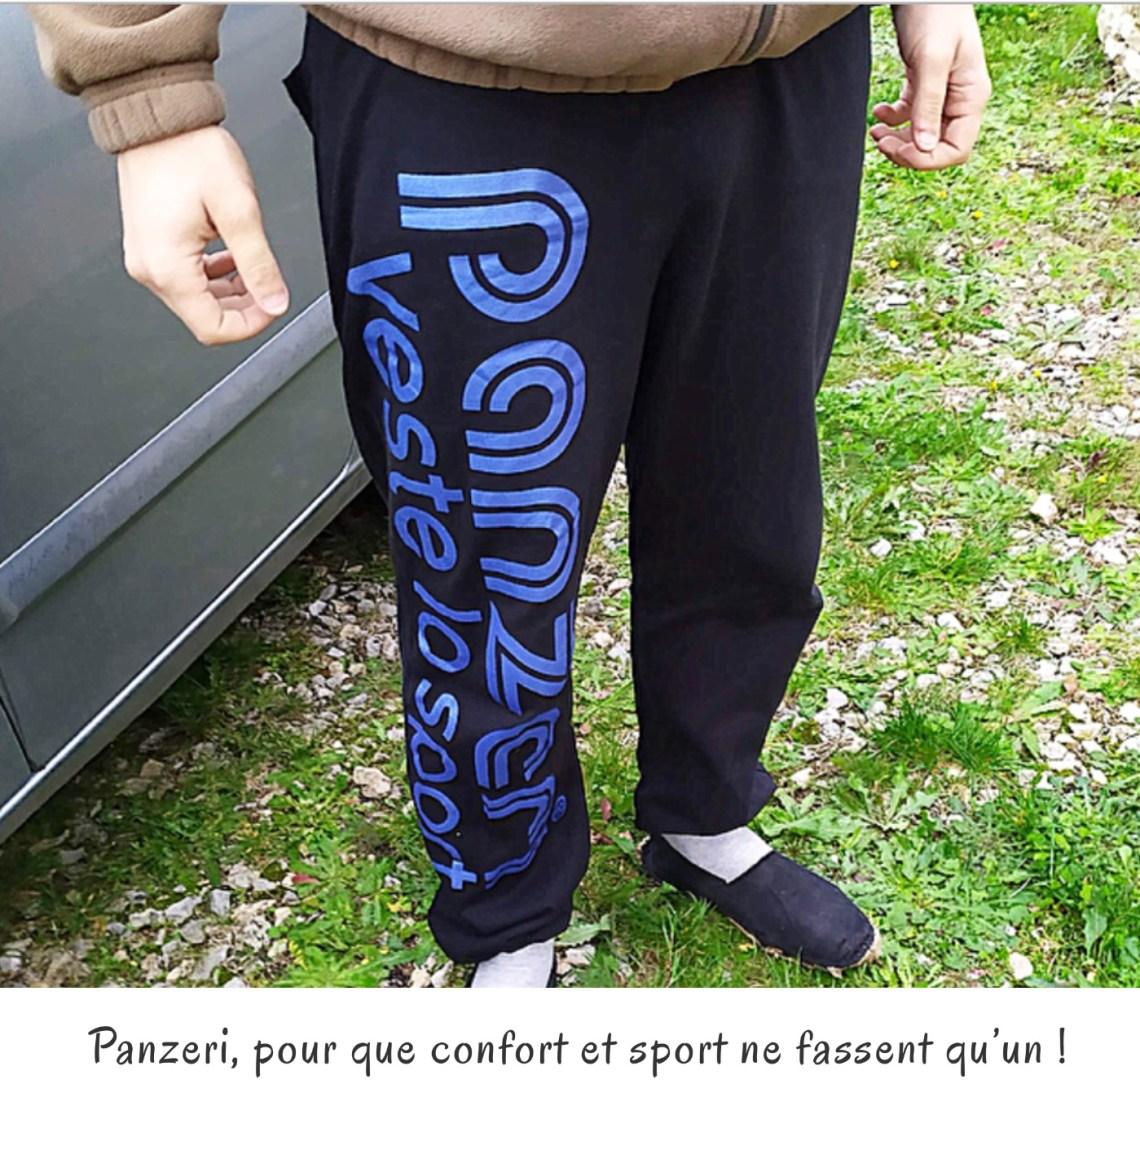 Panzeri, pour que confort et sport ne fassent qu'un !